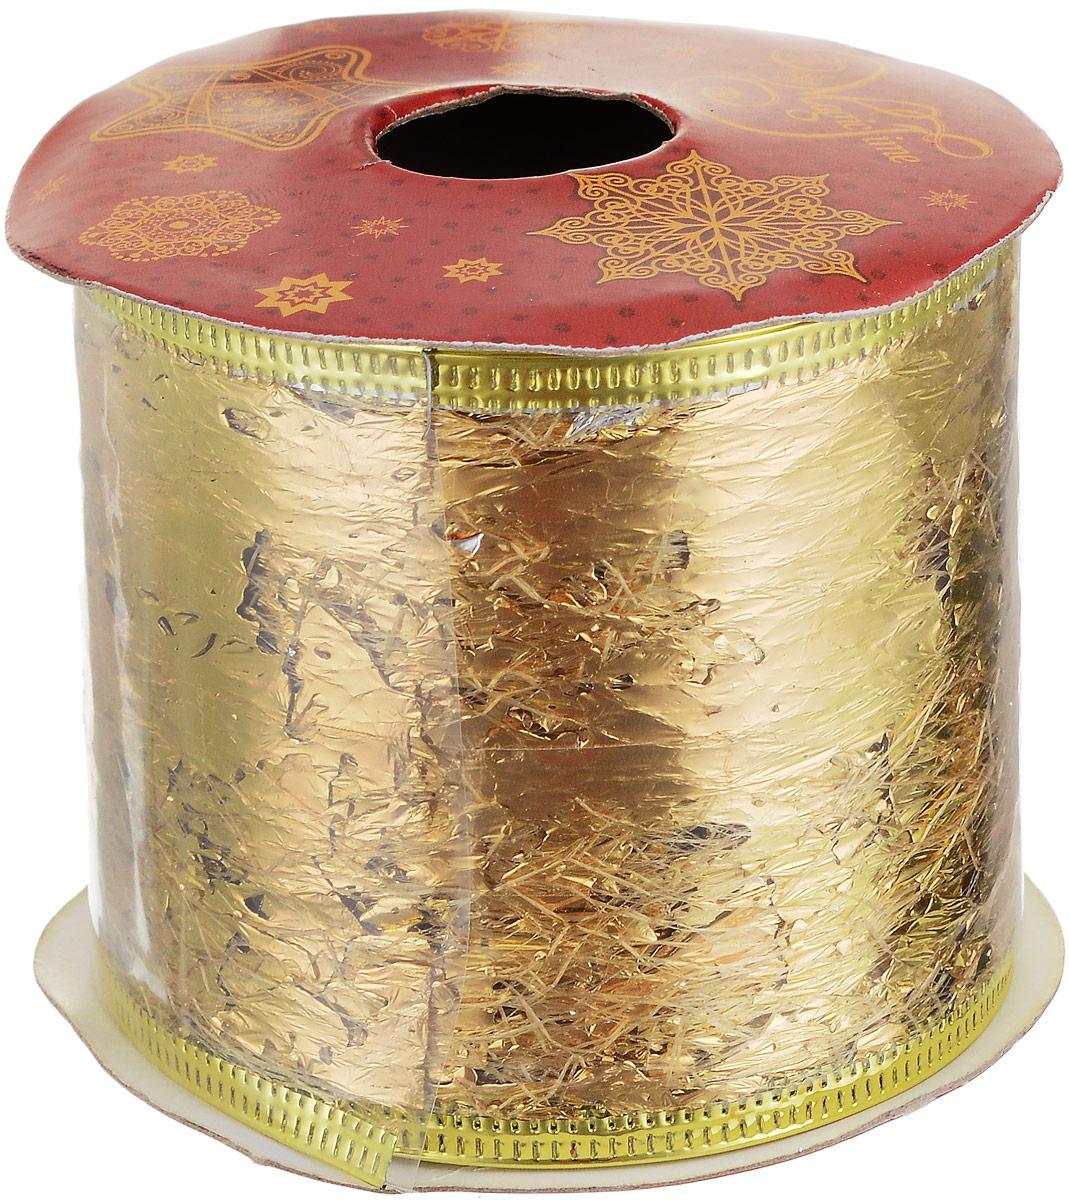 Лента новогодняя Magic Time Фольга, 6,3 х 2,7 м42797Новогодняя декоративная лента Magic Time Фольга выполнена из полиэстера. В края ленты вставлена проволока, благодаря чему ее легко фиксировать. Лента предназначена для оформления подарочных коробок, пакетов. Кроме того, декоративная лента с успехом применяется для художественного оформления витрин, праздничного оформления помещений, изготовления искусственных цветов. Декоративная лента украсит интерьер вашего дома к праздникам.Ширина ленты: 6,3 см.